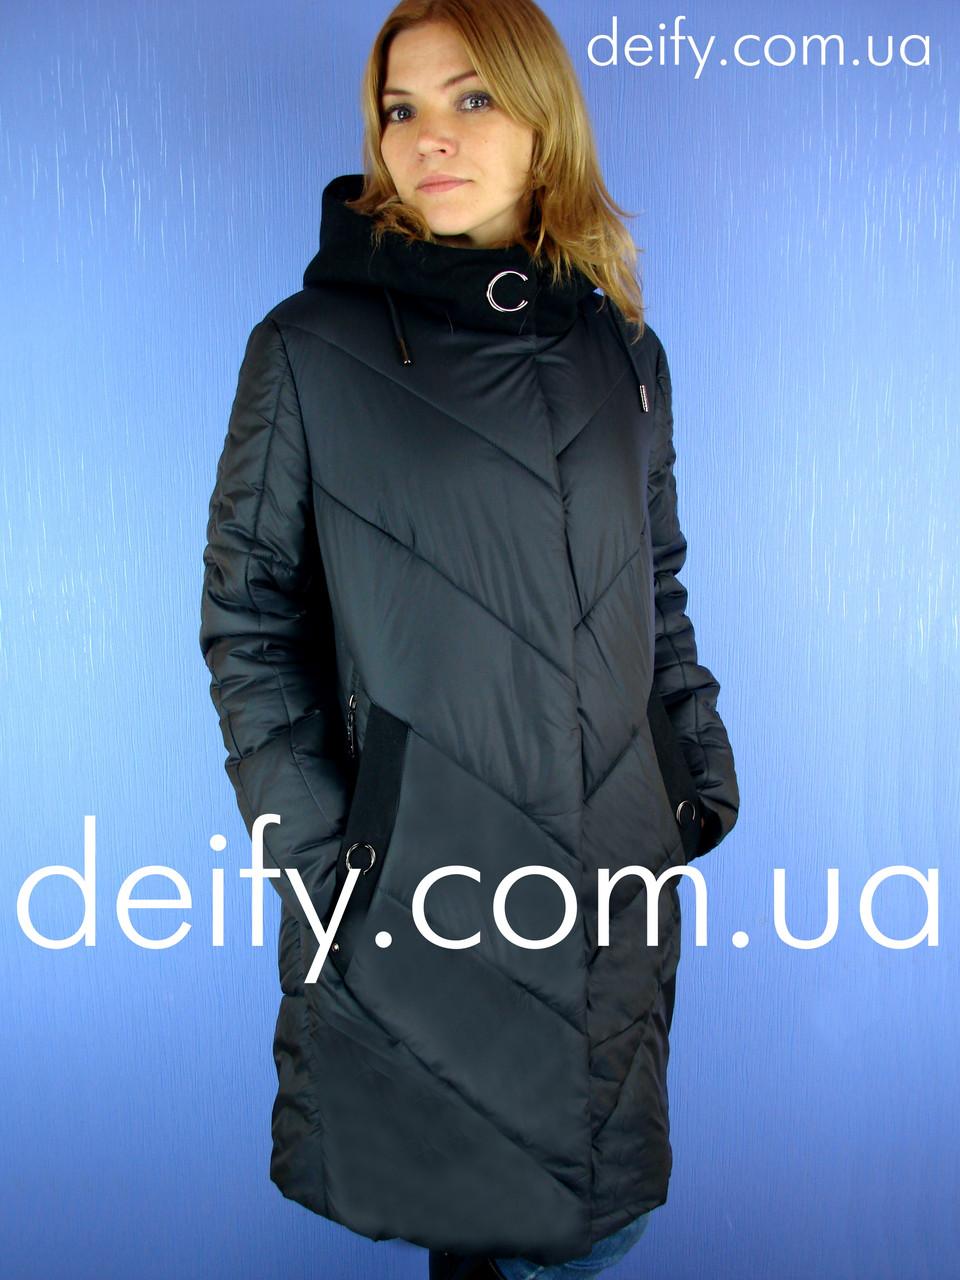 878feb479 Куртка, пуховик, пальто женское Qullet poem 8570 (52-64) Towmy ...